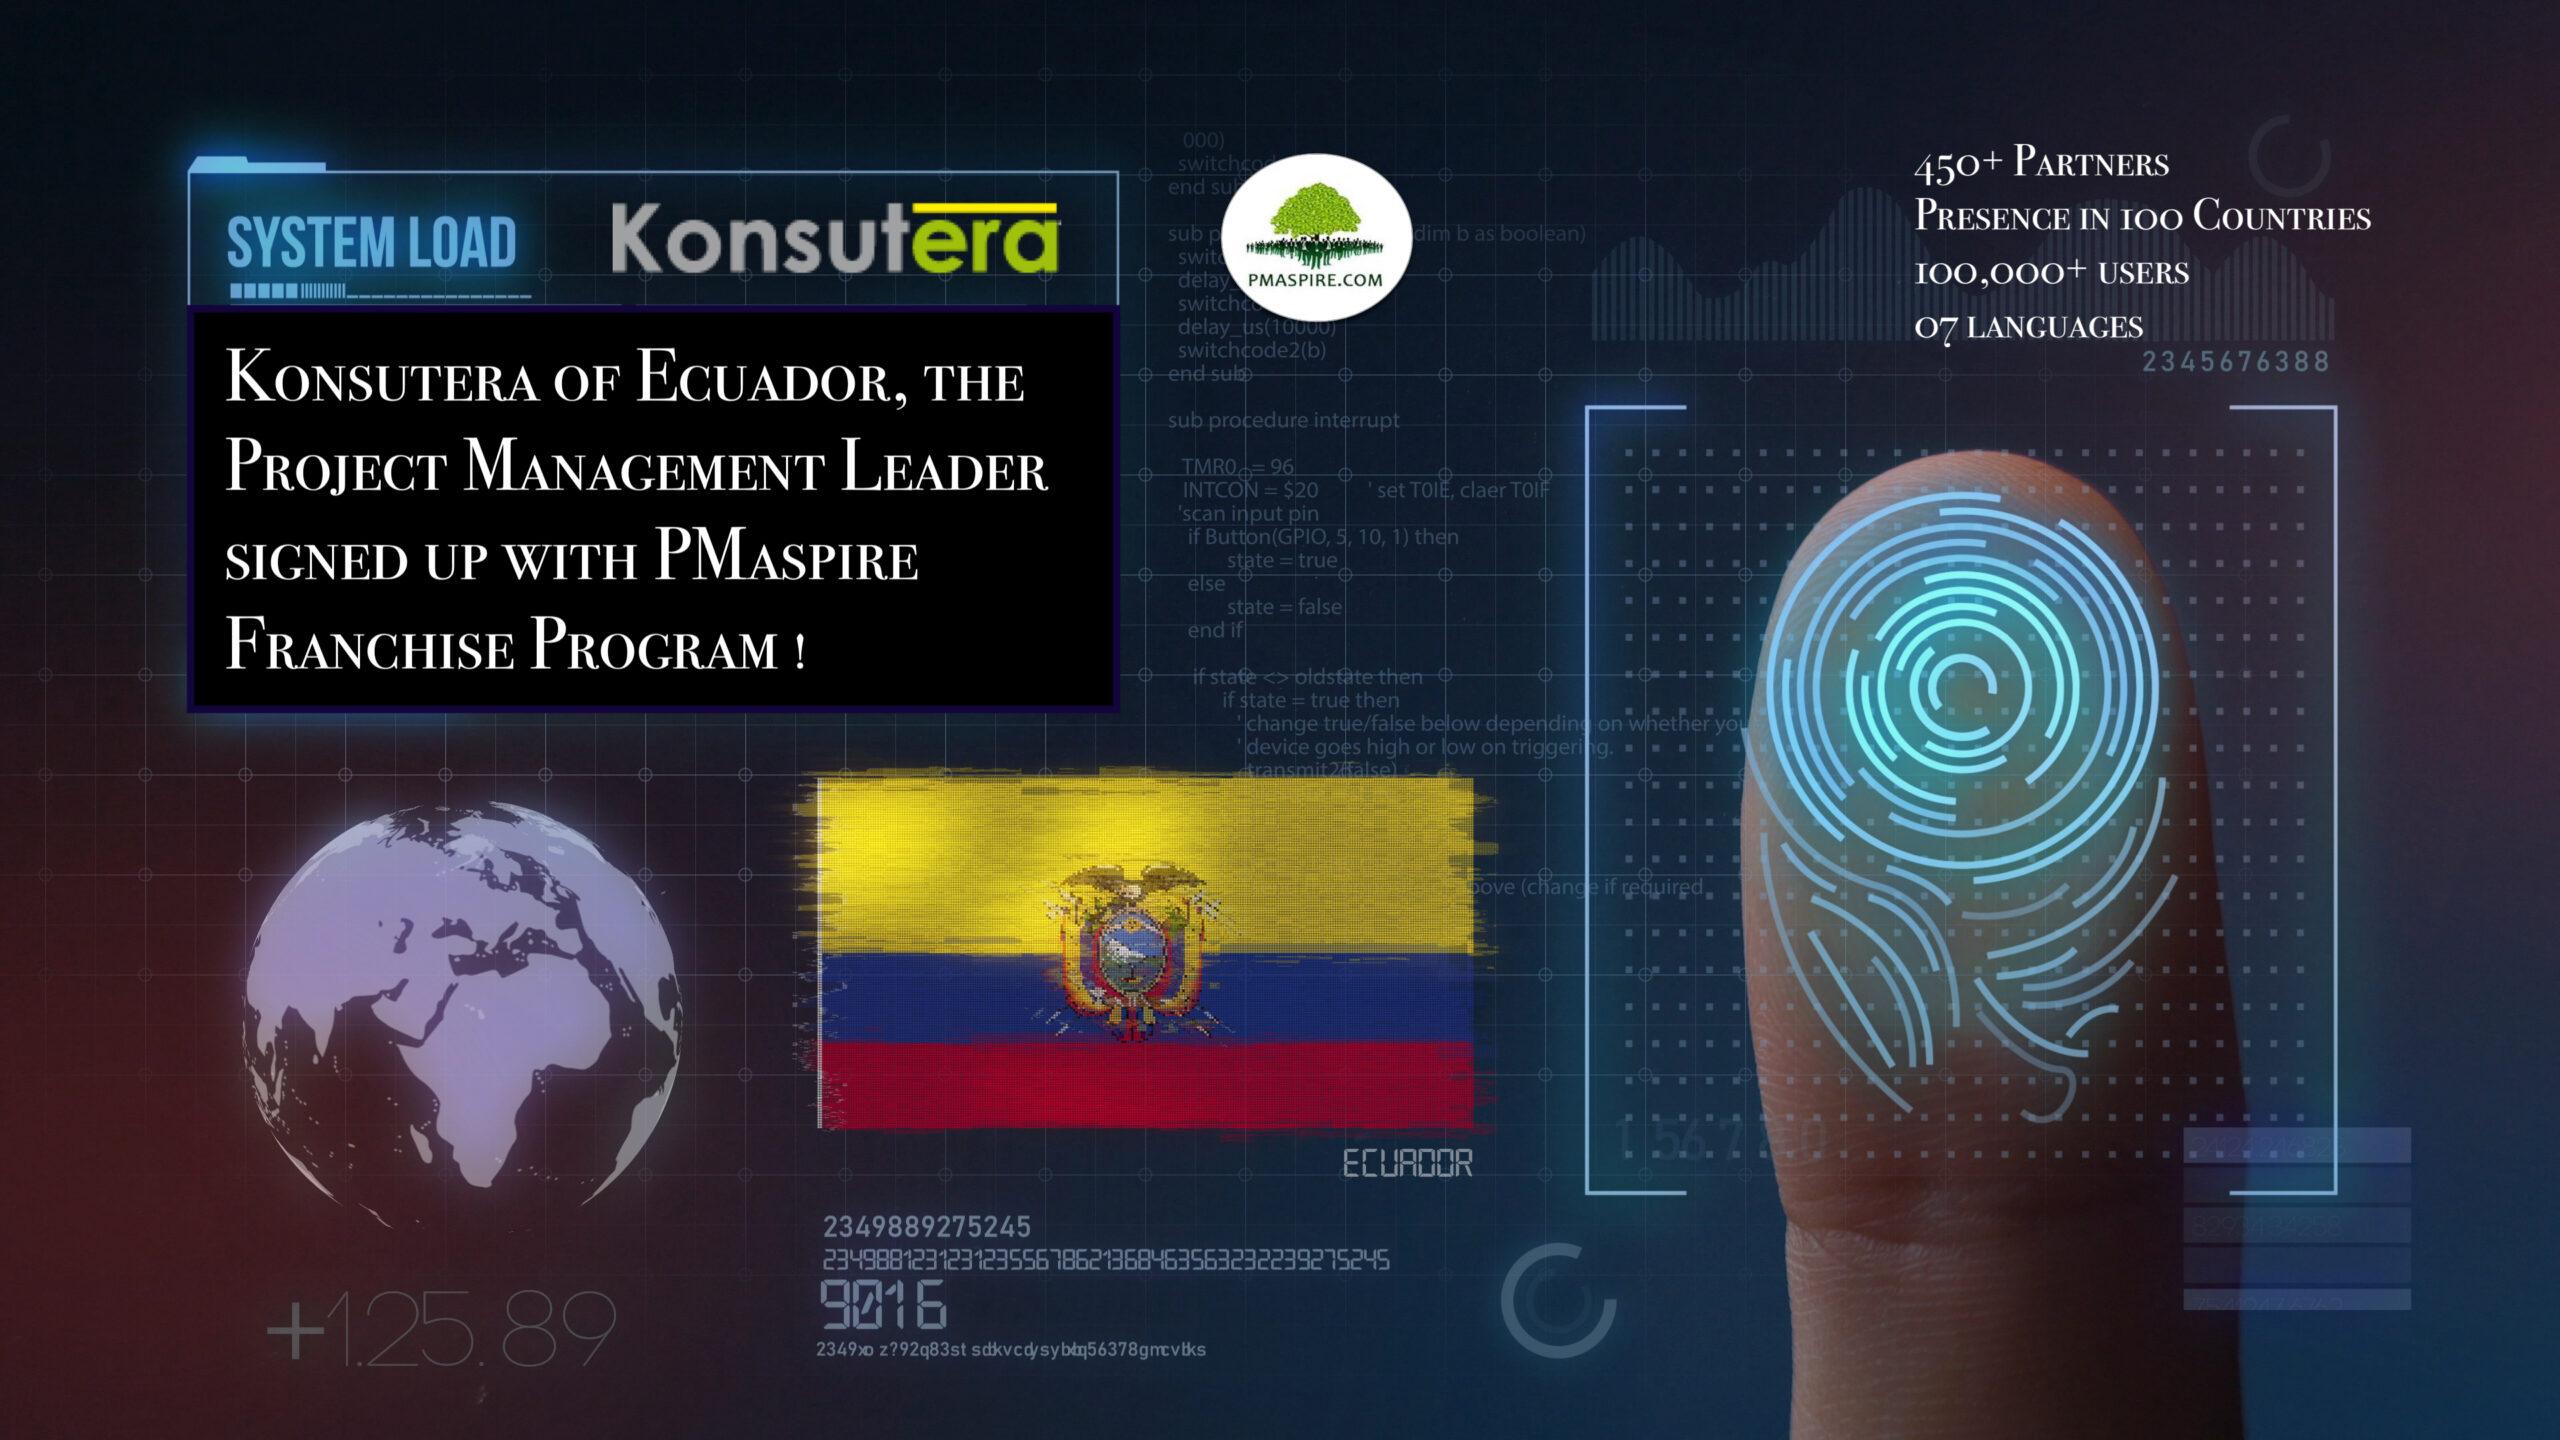 PMaspire in Ecuador